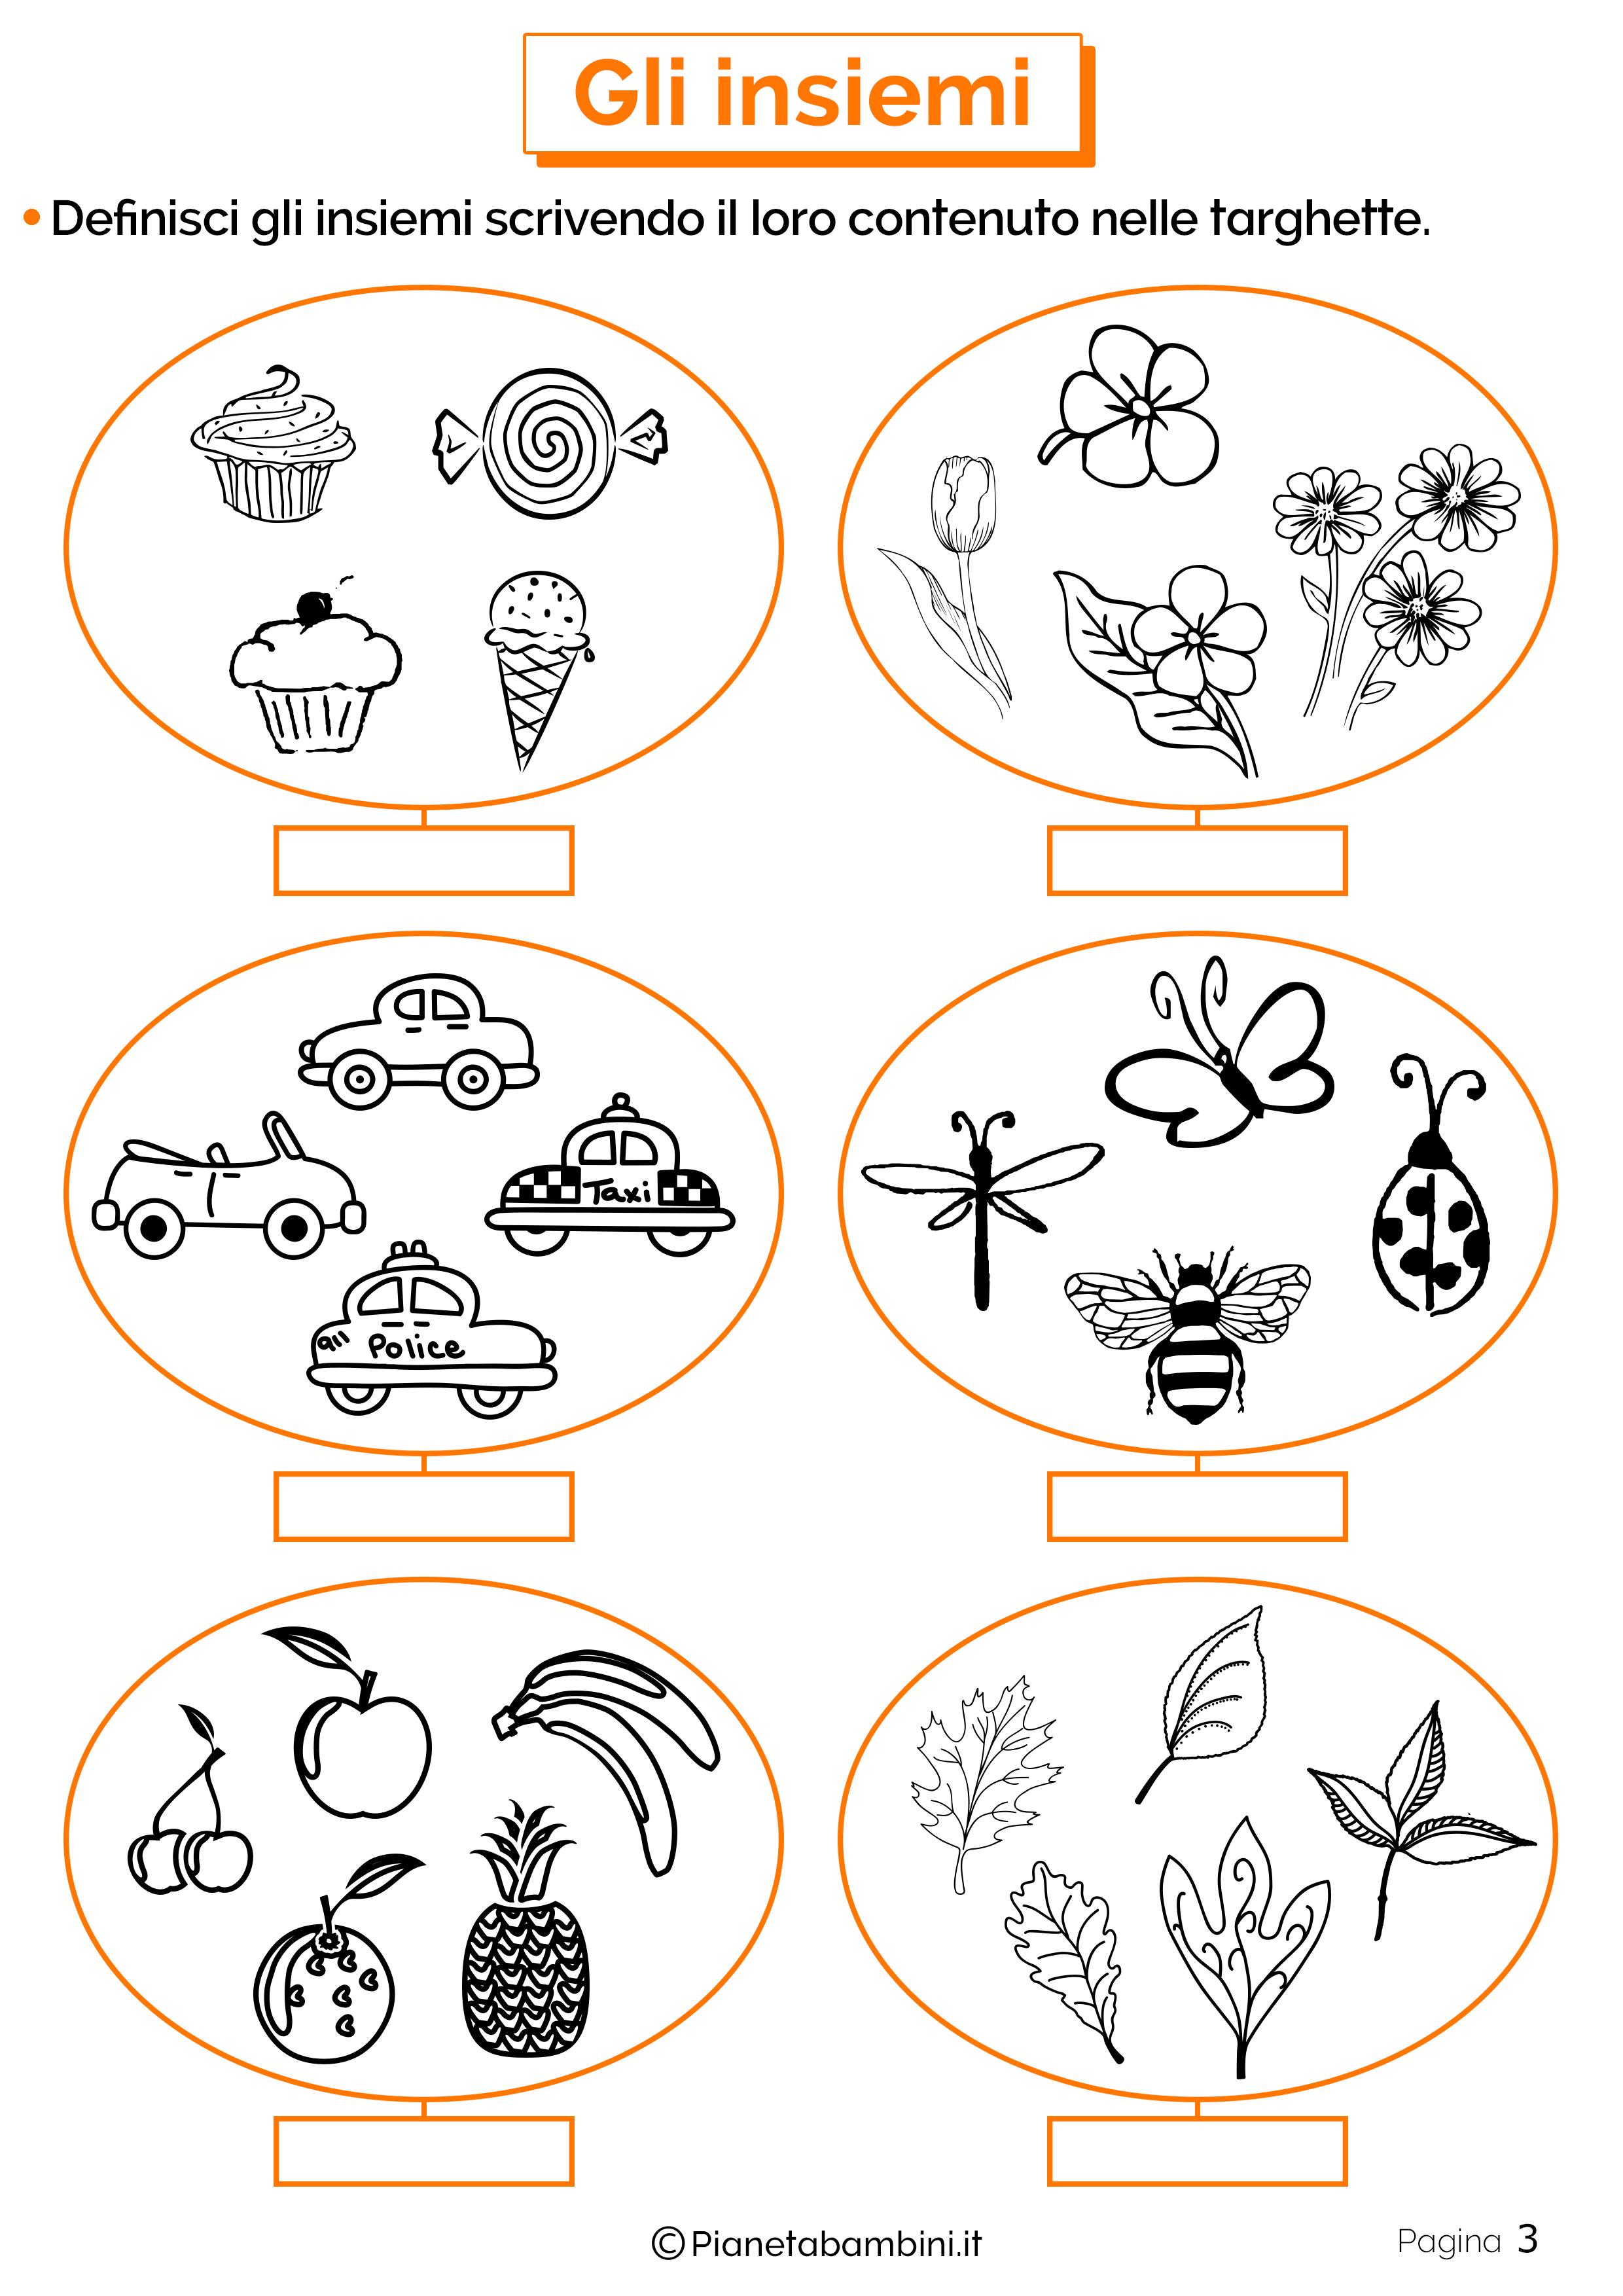 Schede didattiche sugli insiemi 3